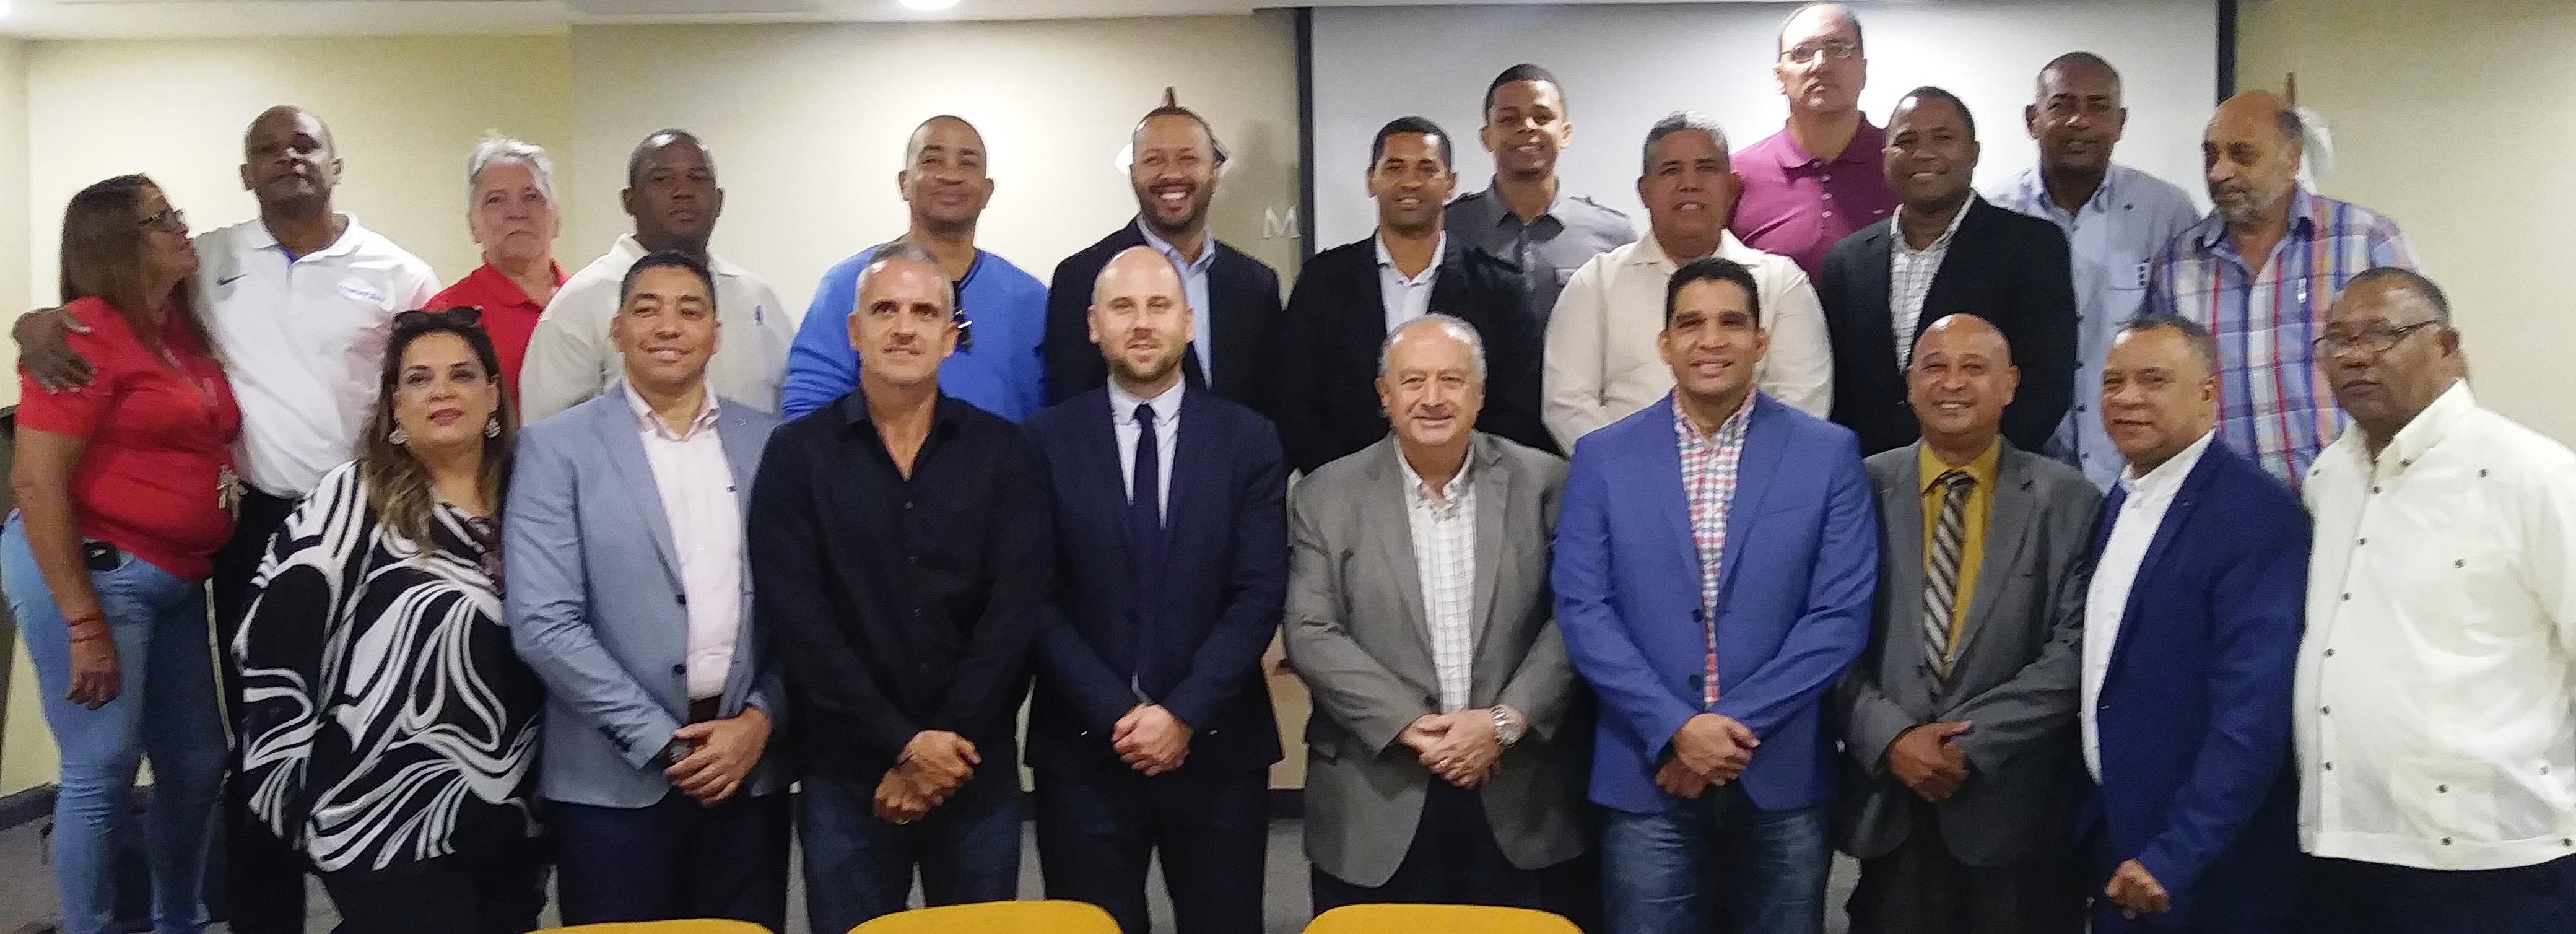 Presidente de FIBA selecciona a Fedombal para programa de desarrollo